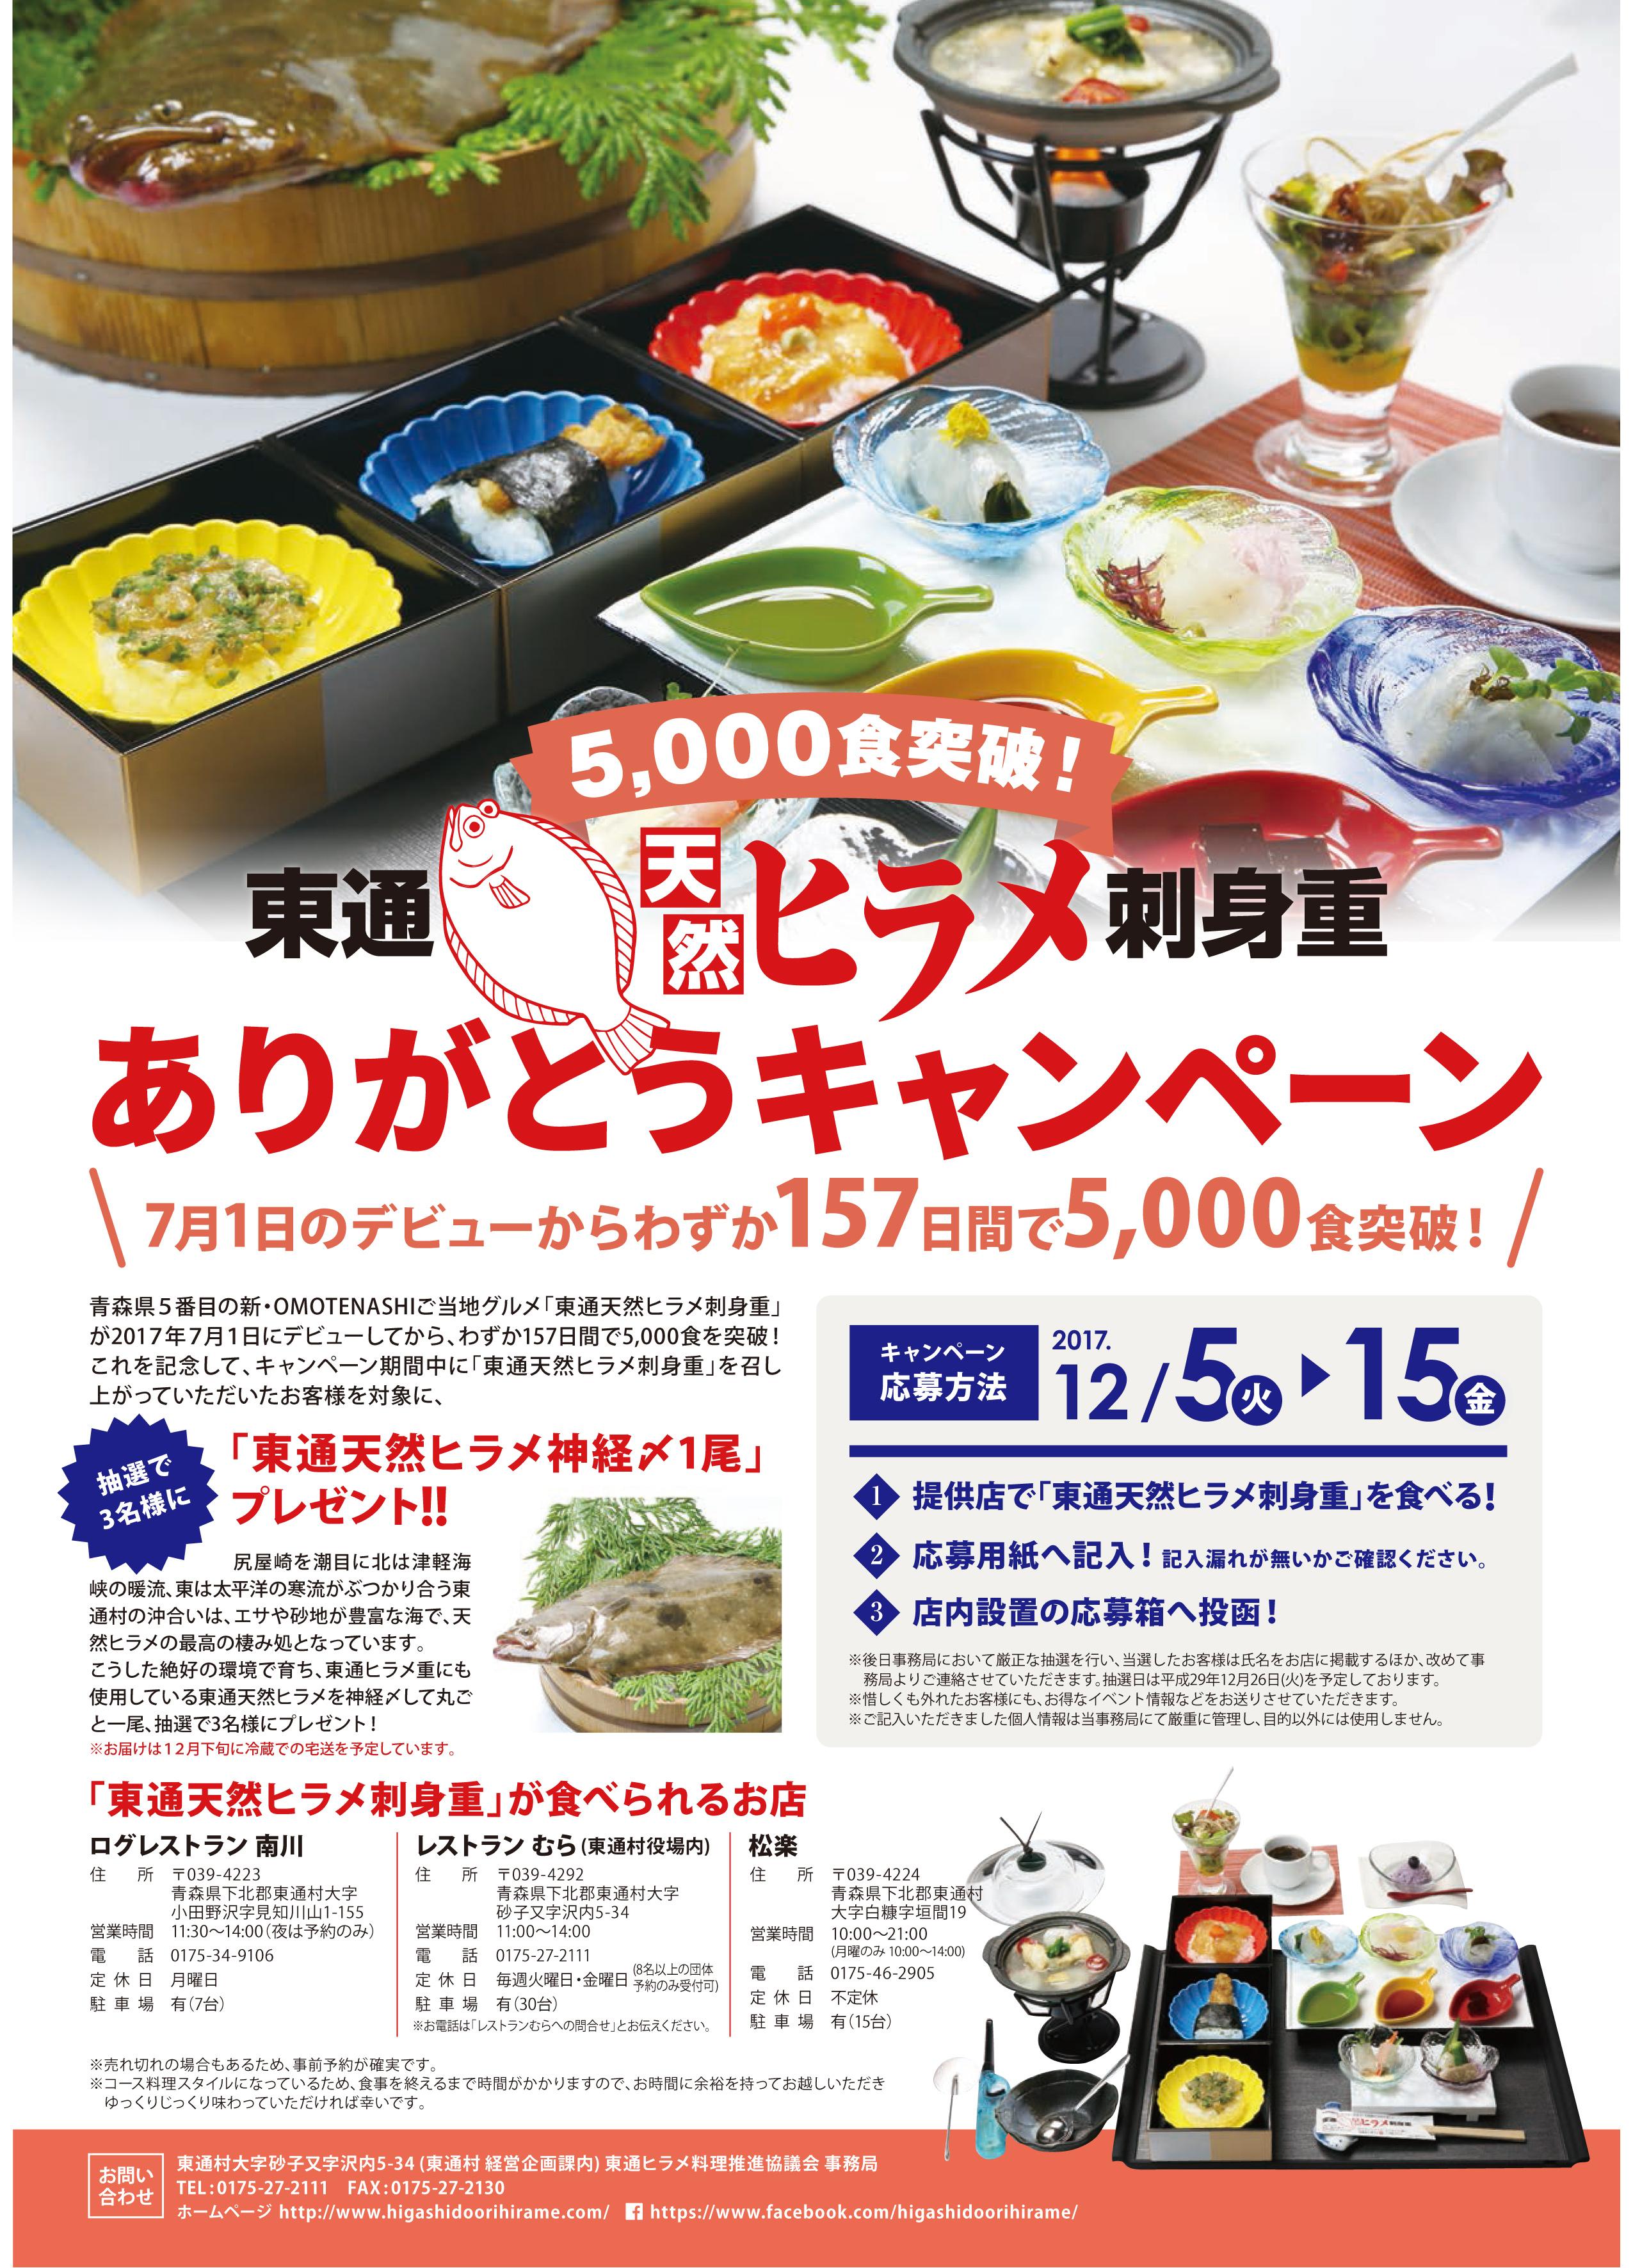 東通天然ヒラメ刺身重5,000食突破!ありがとうキャンペーン